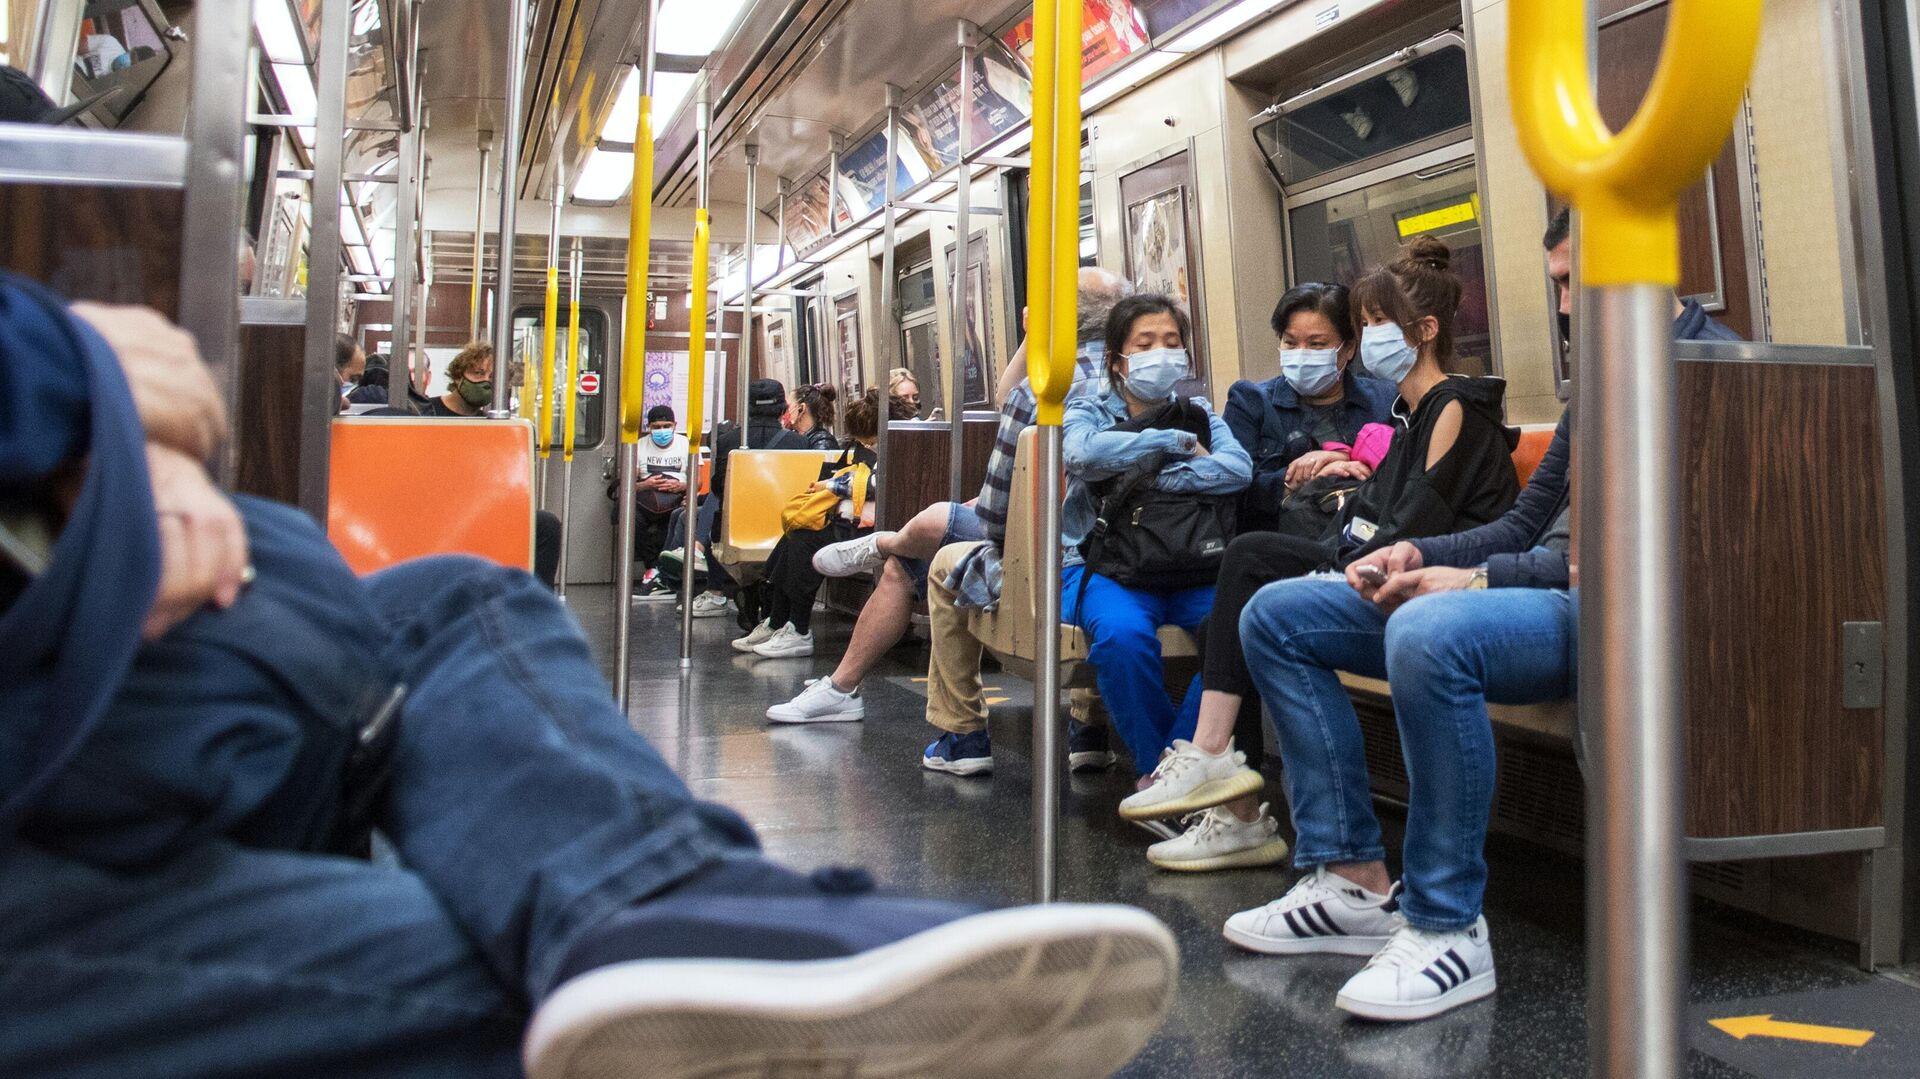 Пассажиры в вагоне Нью-Йоркского метро - РИА Новости, 1920, 21.02.2021